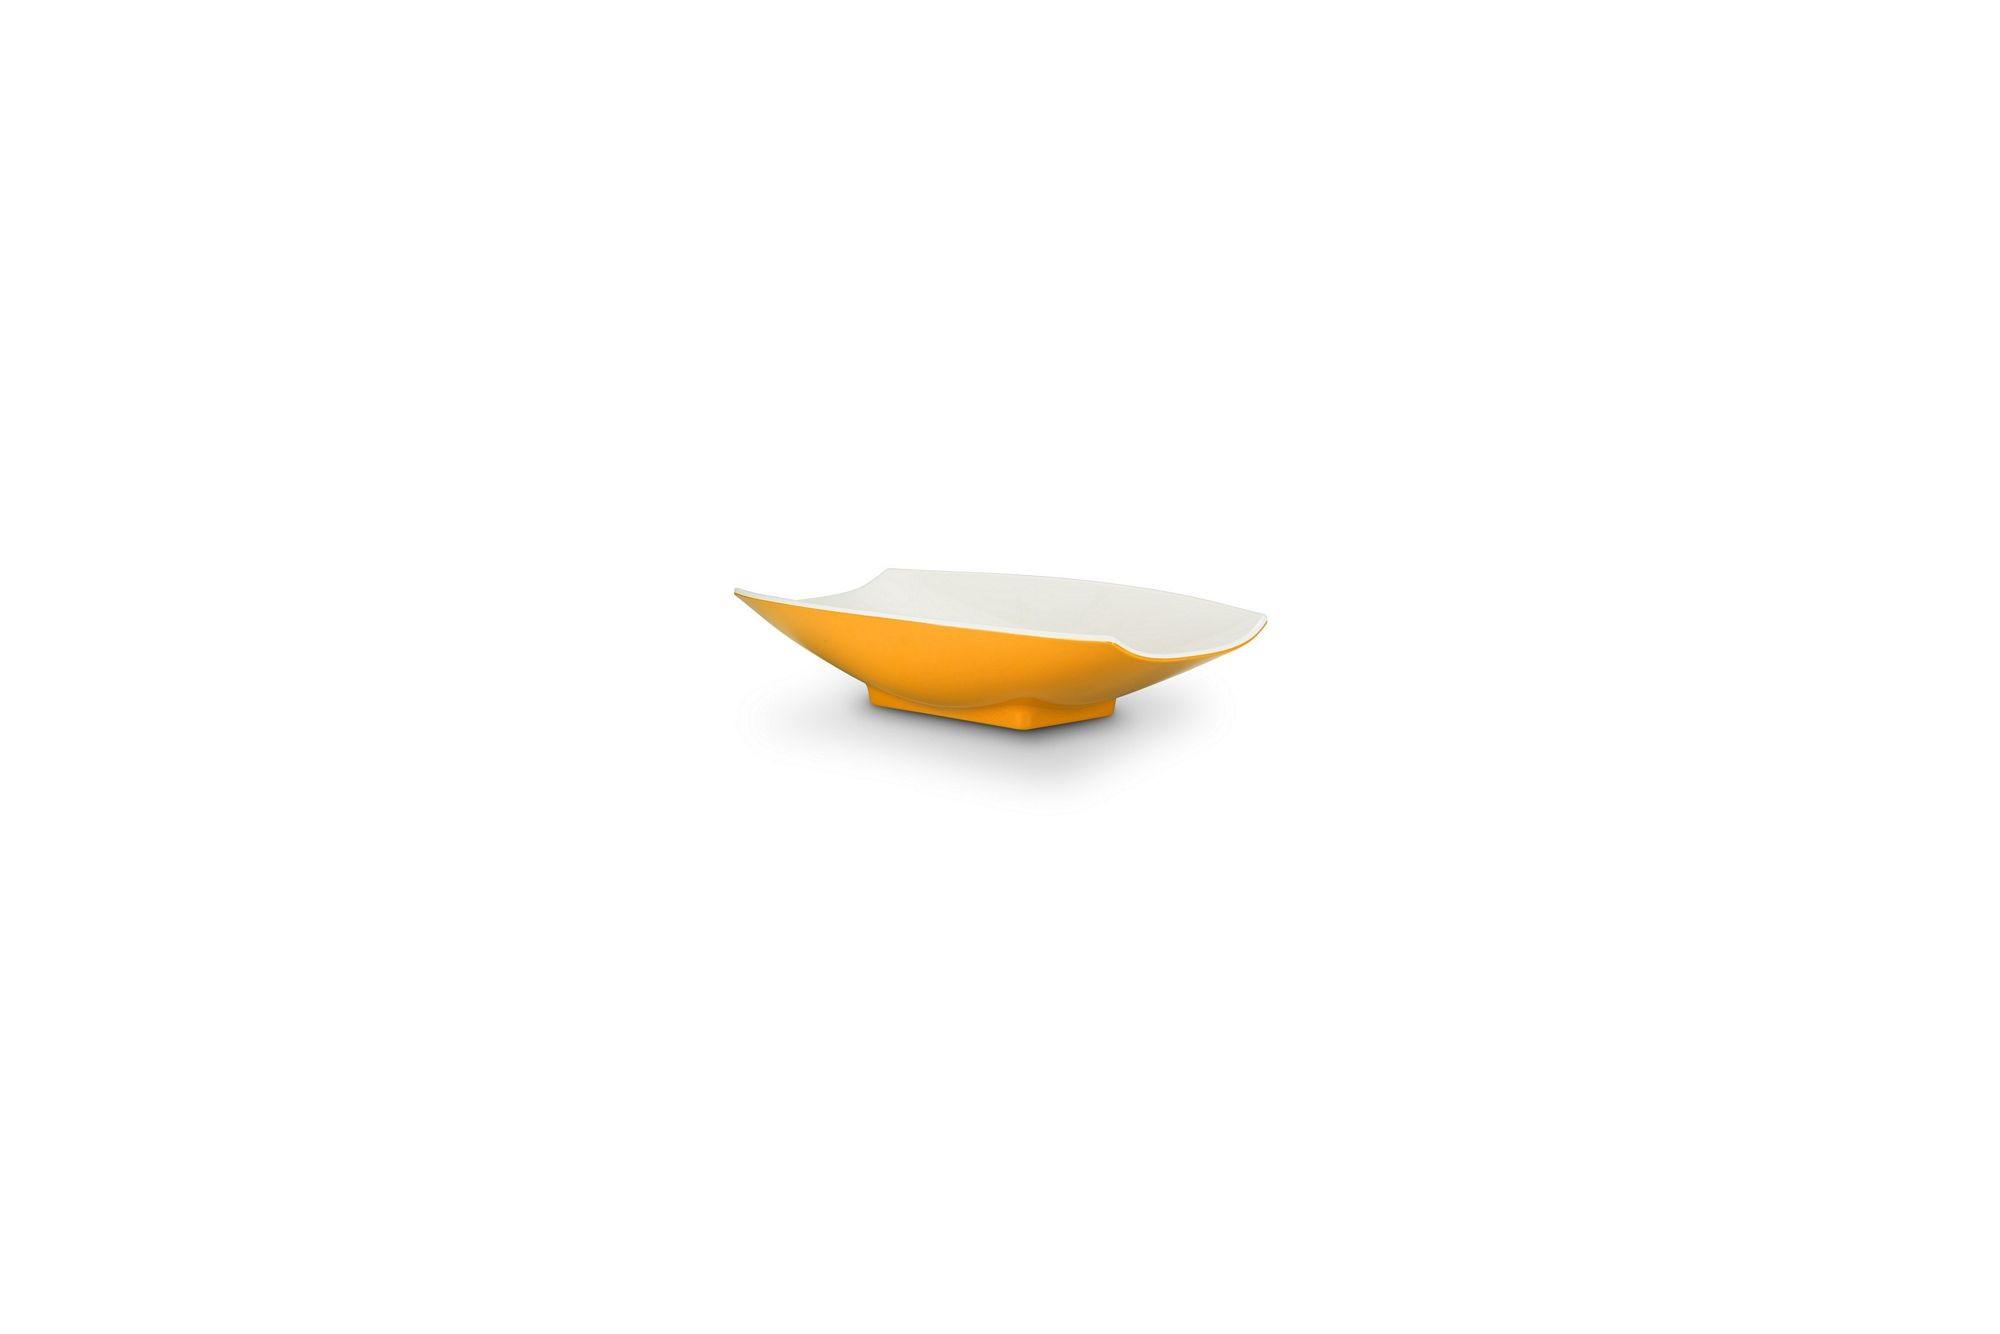 Bon Chef 53700-2ToneYellow Melamine Curves Bowl, Yellow Outside/White Inside 4 oz.